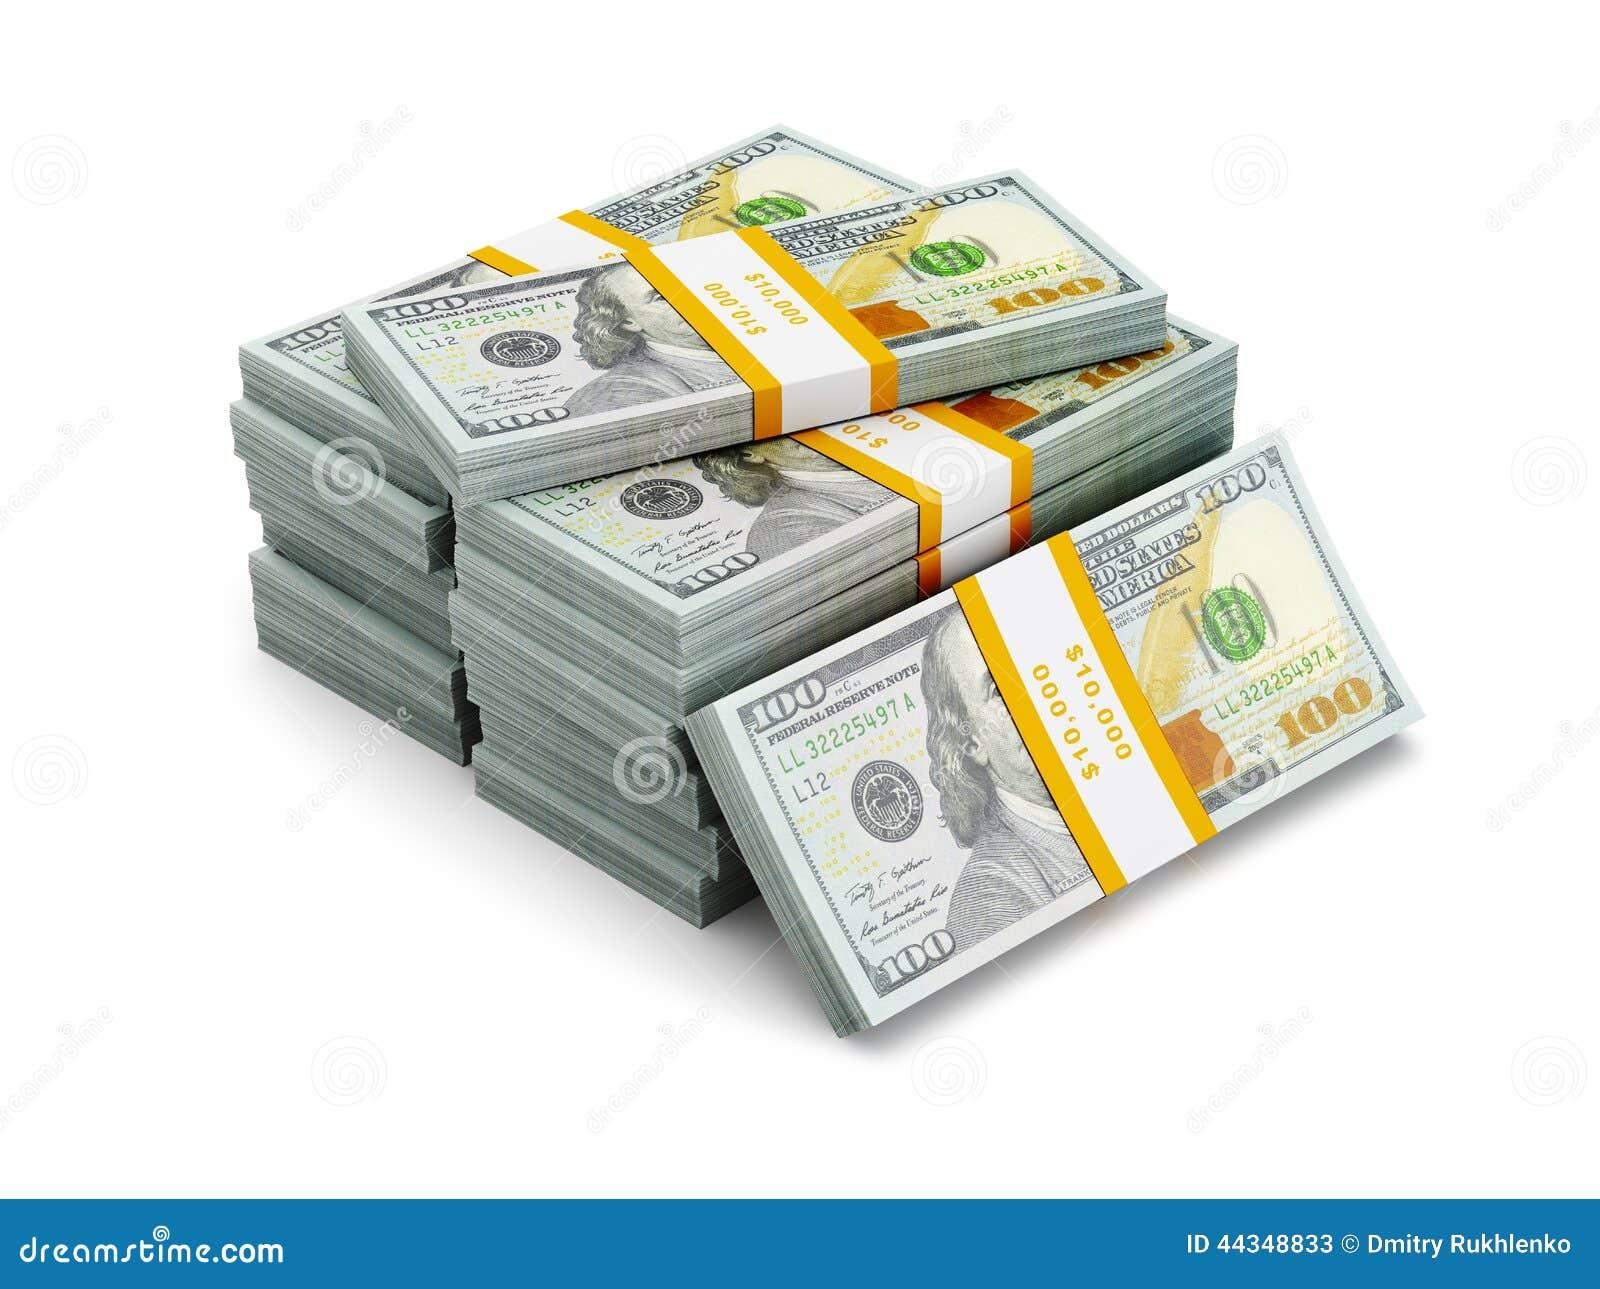 Pila de nuevos 100 dólares de EE. UU. de billetes de banco 2013 de la edición (cuentas) s